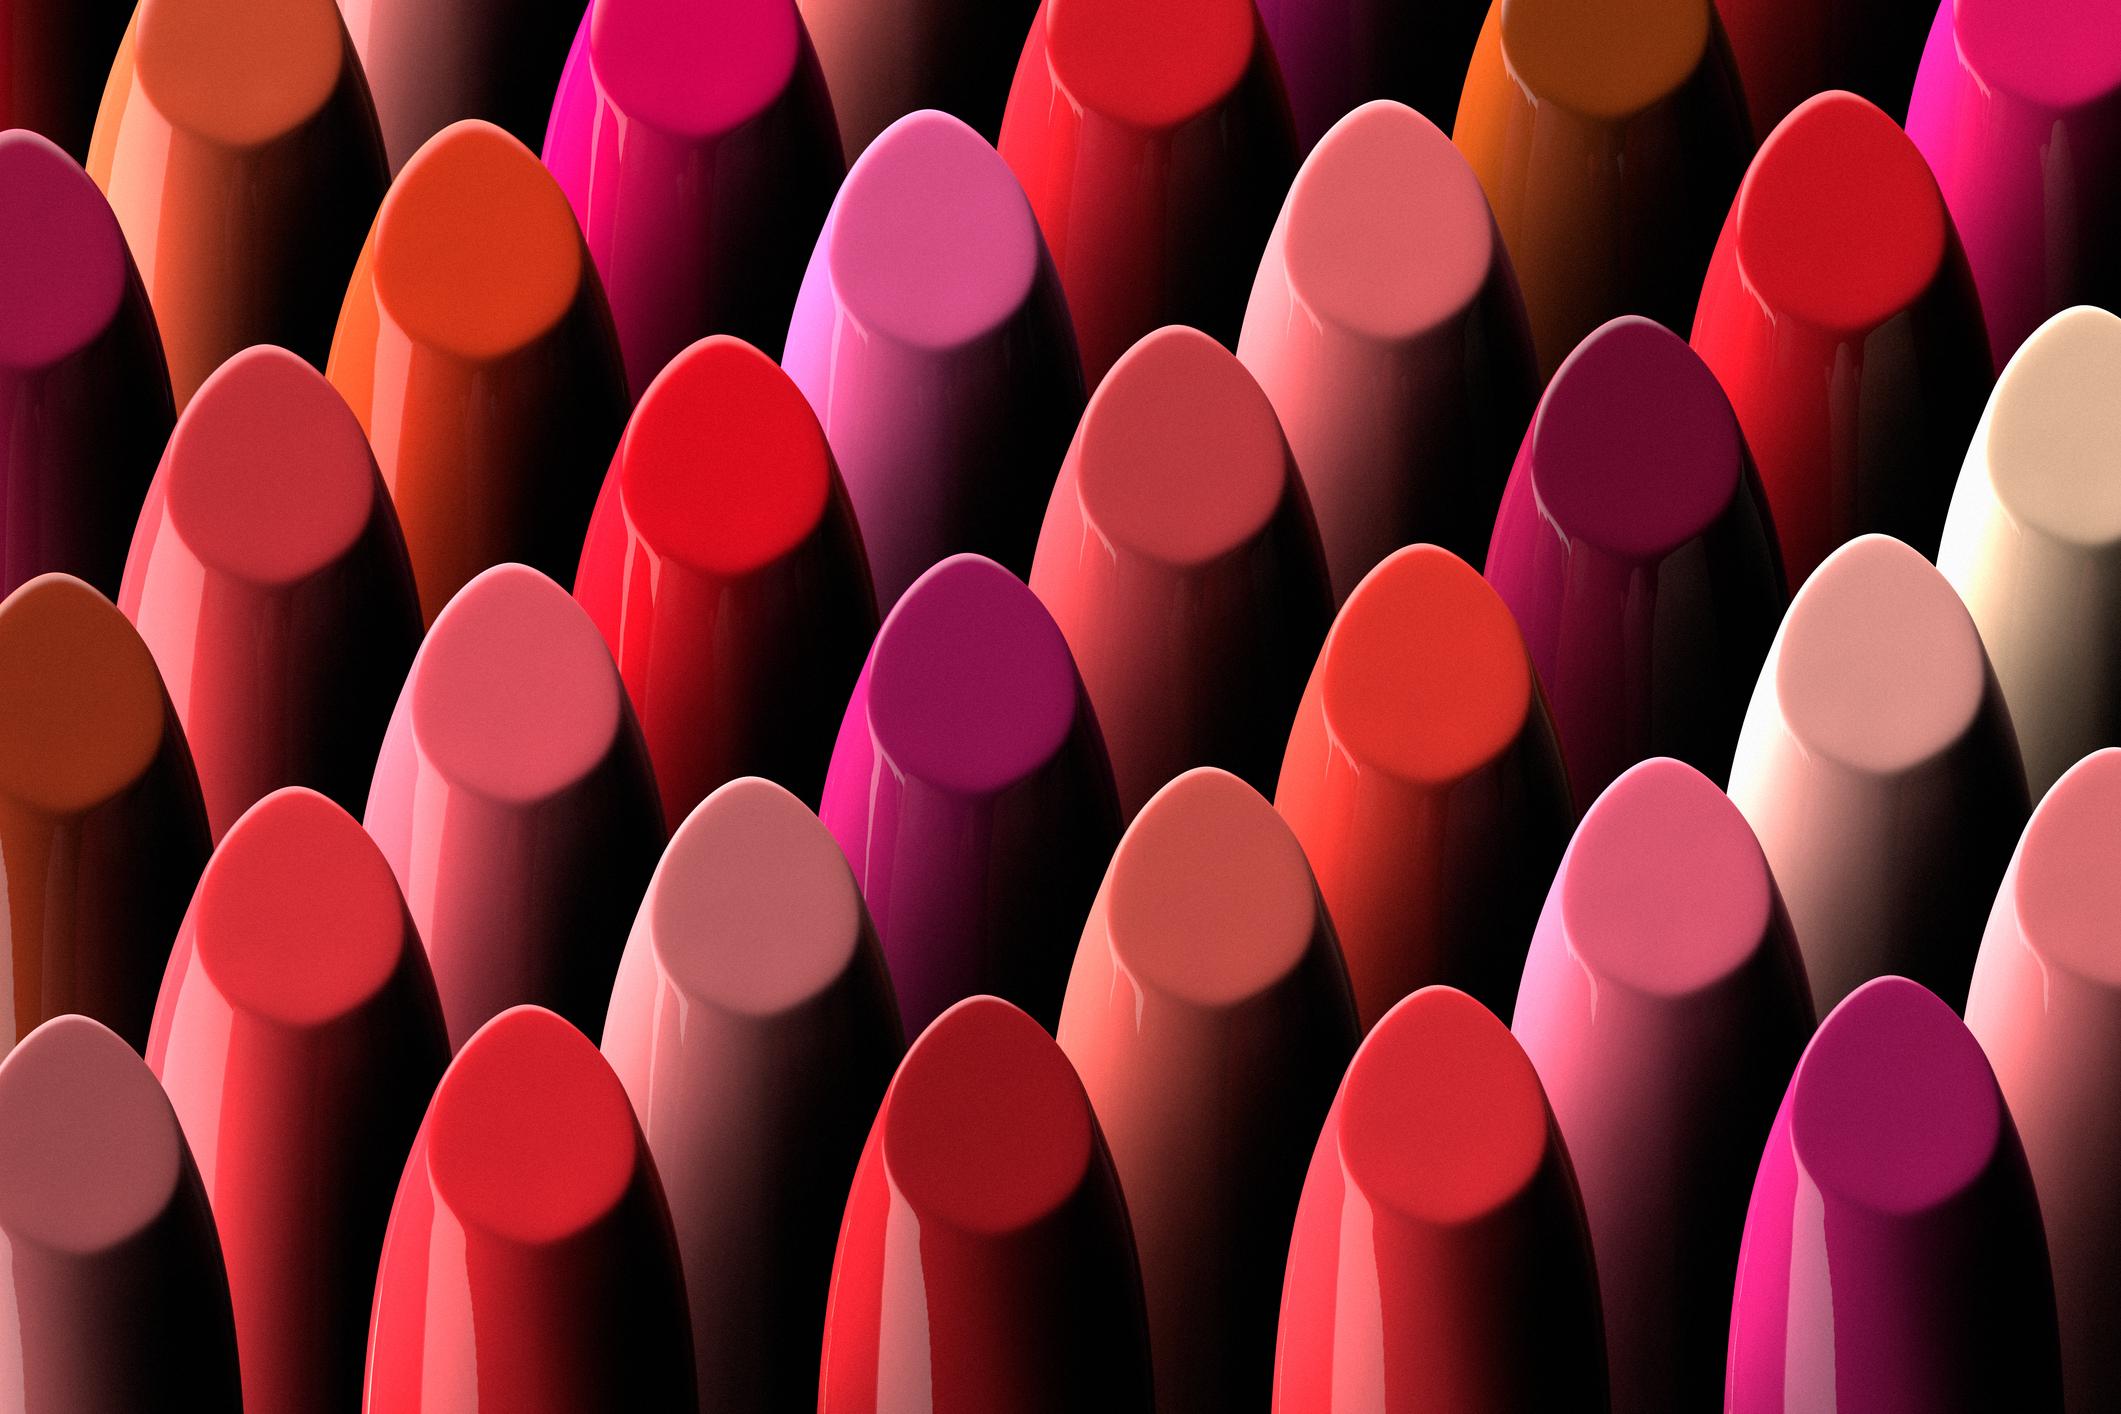 Several lipsticks facing upwards.